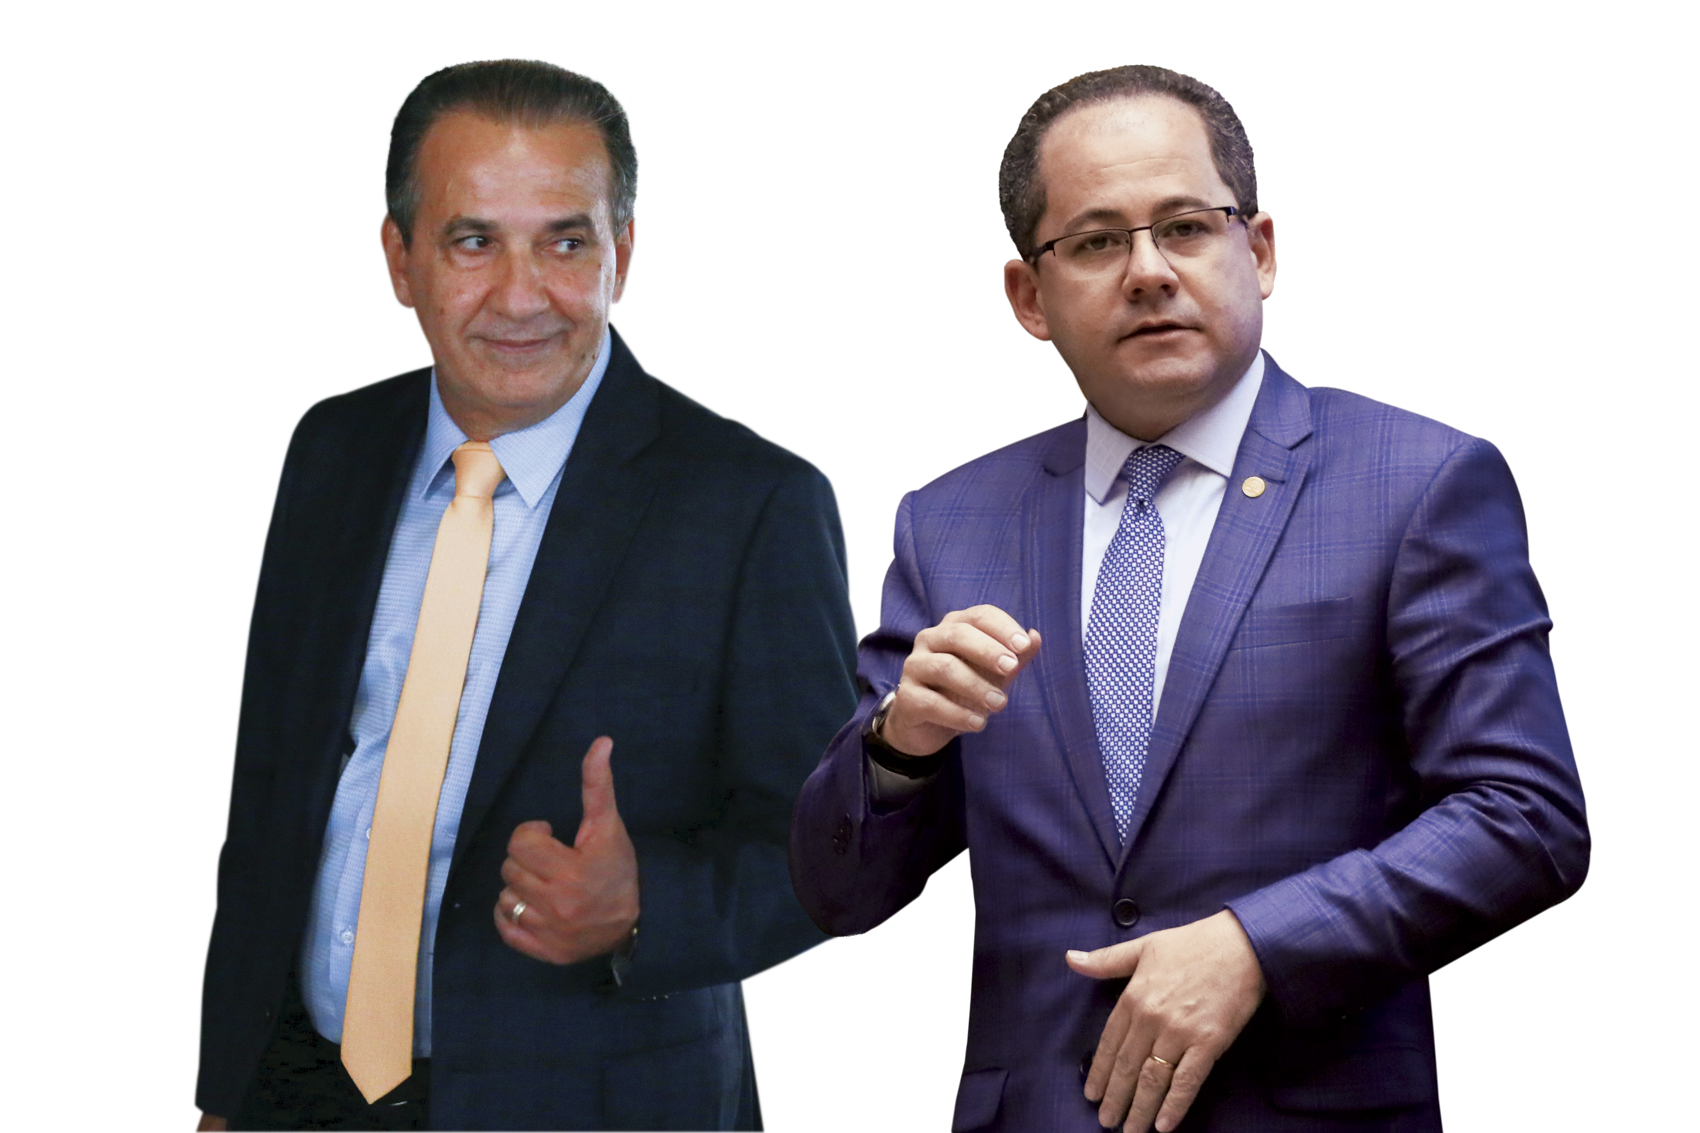 BÊNÇÃO -Malafaia e Madureira: tentativa de construção de um nome de consenso -